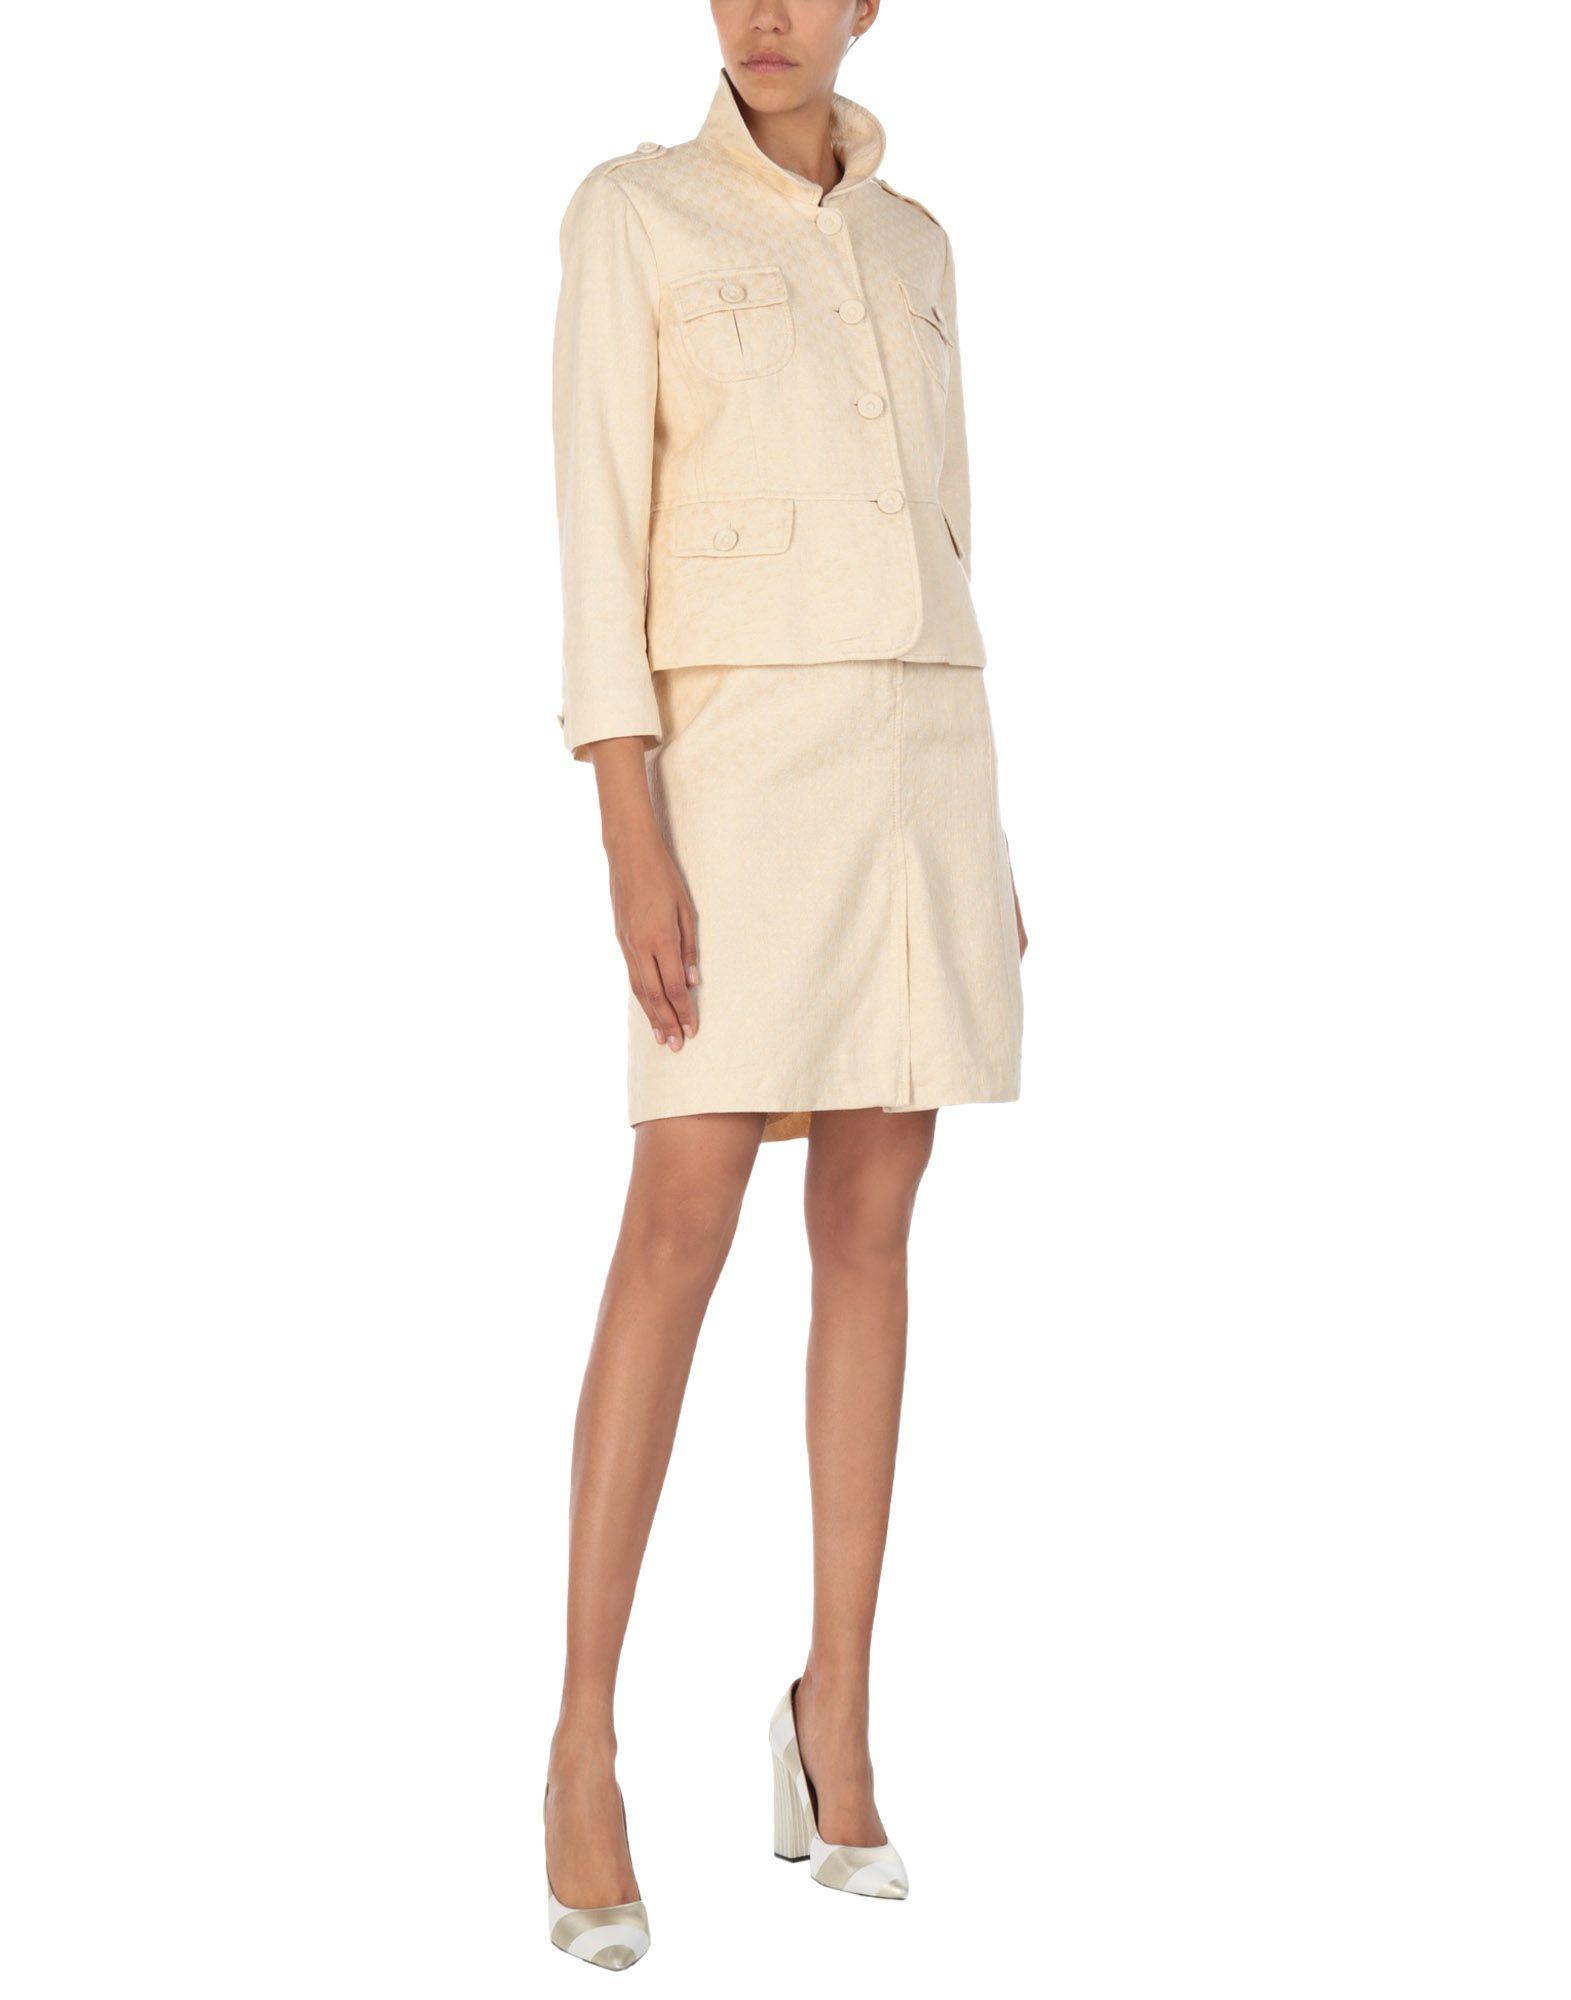 ASPESI Классический костюм классический галстук аксессуар robe длинные tie костюм диагональные полосы терилен